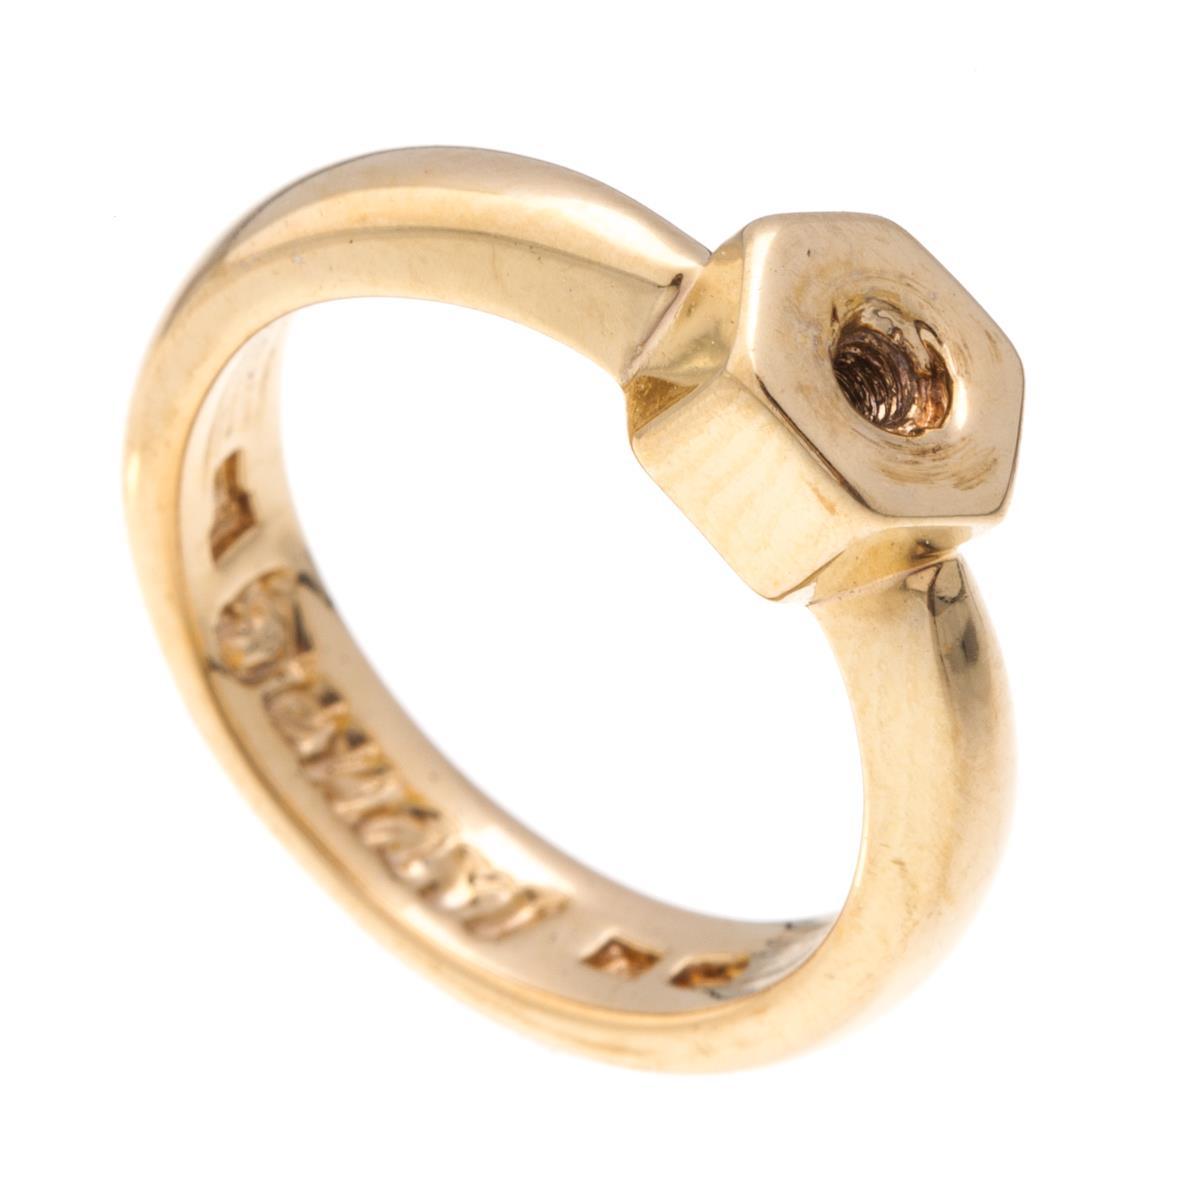 Кольцо-основа для накладки Jenavi Вис, цвет: золотой. k195p090. Размер 16k195p090Практичное кольцо-основа для накладки Jenavi Вис выполнено из гипоаллергенного ювелирного сплава, оформлено позолотой. Кольцо-основа позволит экспериментировать и дополнять ваш образ каждый день. Оригинальное кольцо-основа, благодаря возможности менять накладки, придаст вашему образу изюминку и подчеркнет индивидуальность.